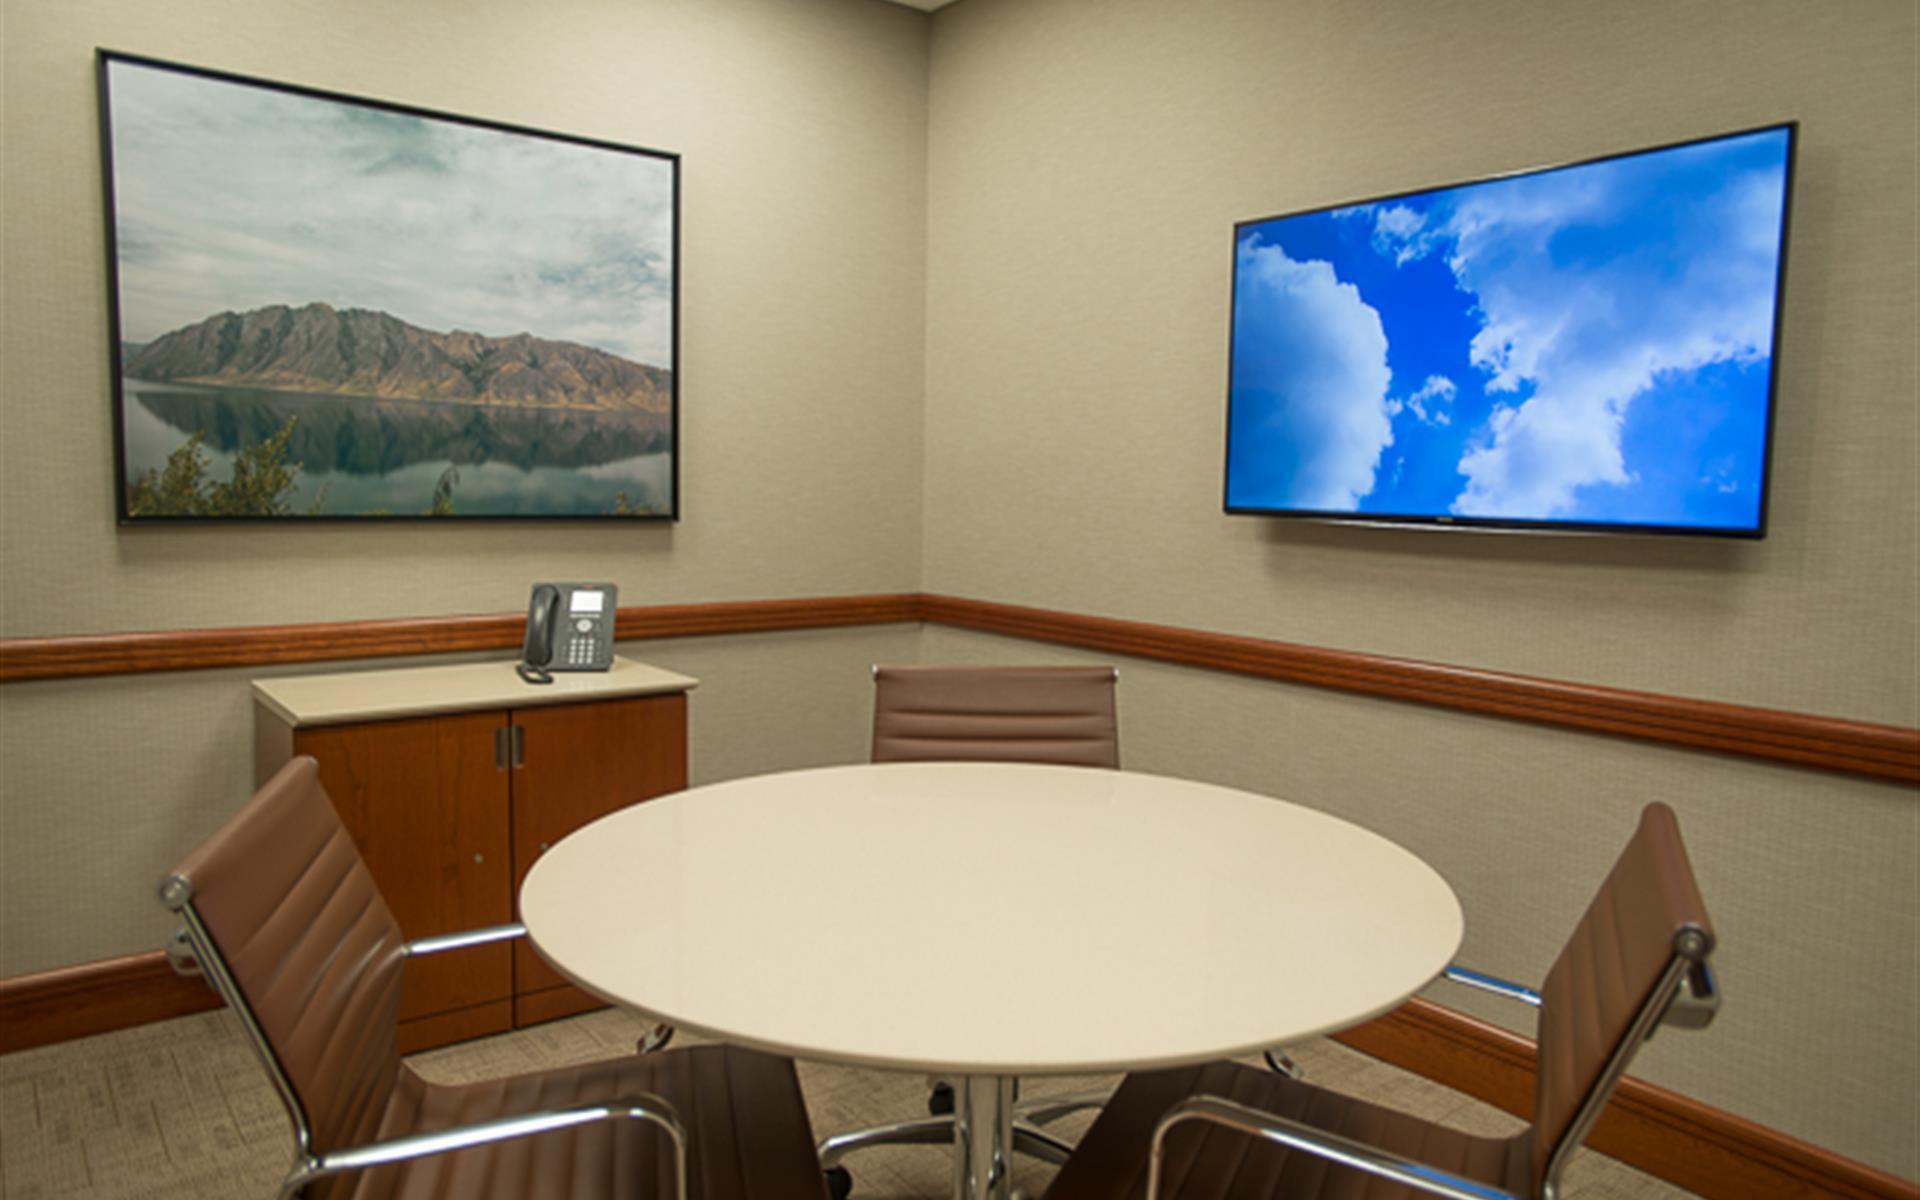 Symphony Workplaces -Westport CT - Focus Meeting Room